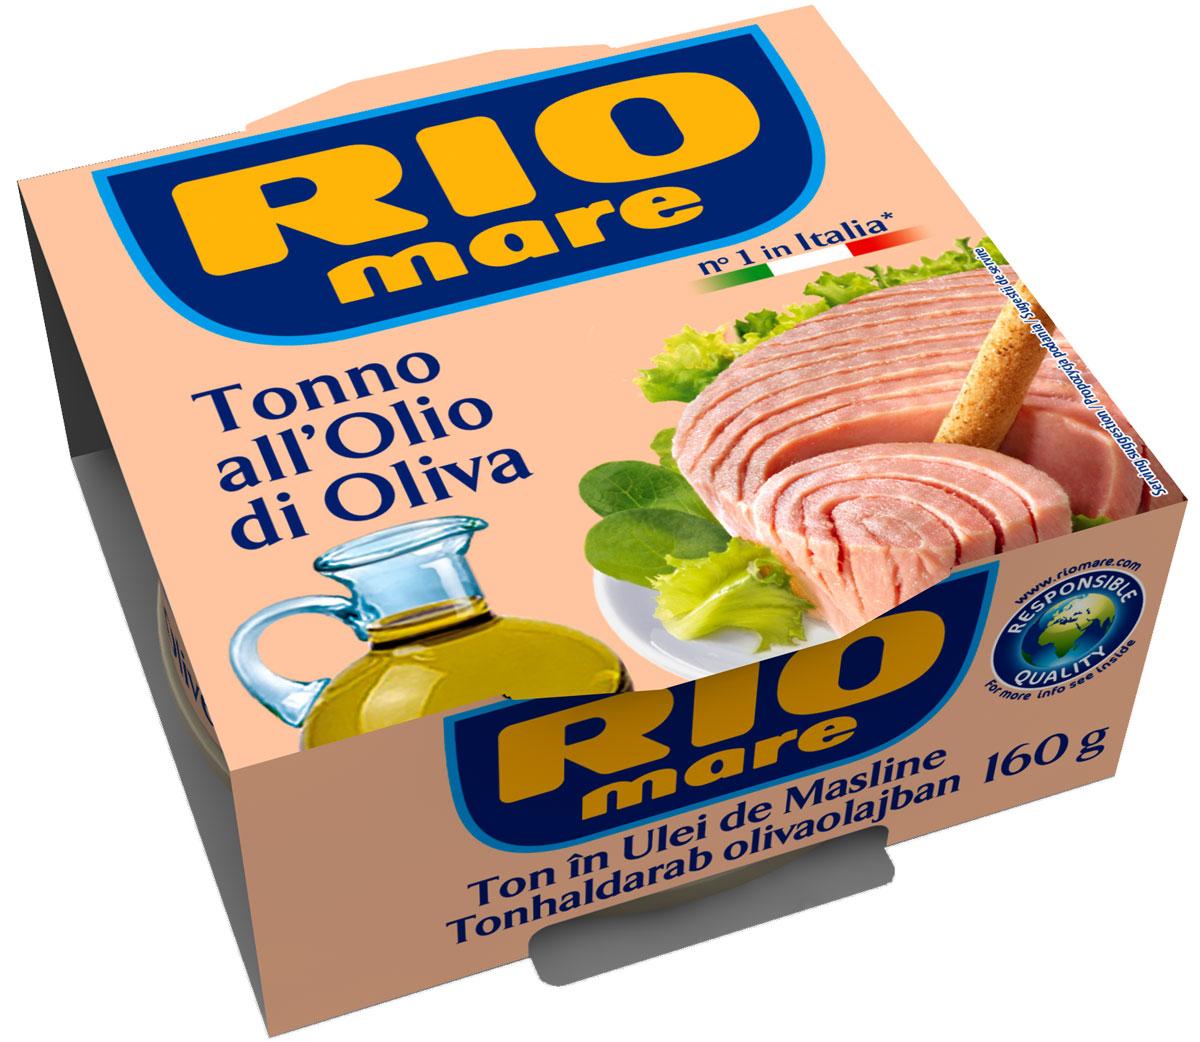 Rio Mare тунец в оливковом масле, 160 г0120710Тунец в оливковом масле всегда был самым популярным консервированнымпродуктом в Италии.Уникальный, ни с чем не сравнимый вкус тунца Rio Mare, обладающего розовымцветом и неизменным качеством.Высокое качество продукта обеспечивается за счет соблюдения строгогоконтроля и тщательного выполнения процессов обработки; тунец упаковывается вбанки с добавлением только качественного оливкового масла и небольшогоколичества морской соли.Продукт идеален для приготовления различных блюд, от закусок до салатов изсвежих овощей и питательных салатов.